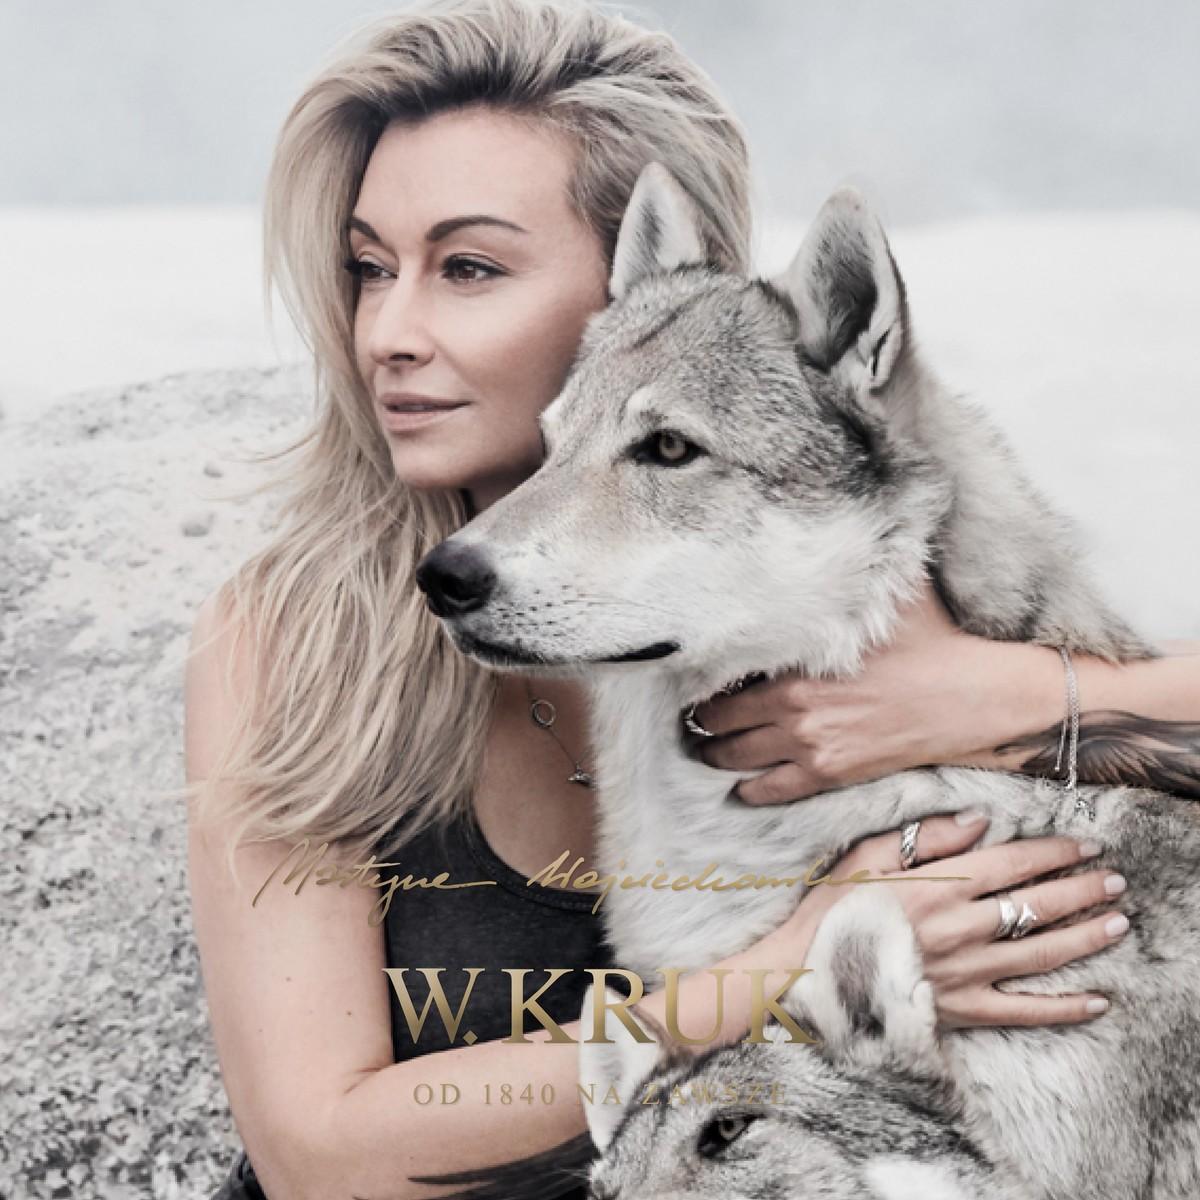 Gazetka W.KRUK - Katalog Kolekcji Freedom – Wolf Edition